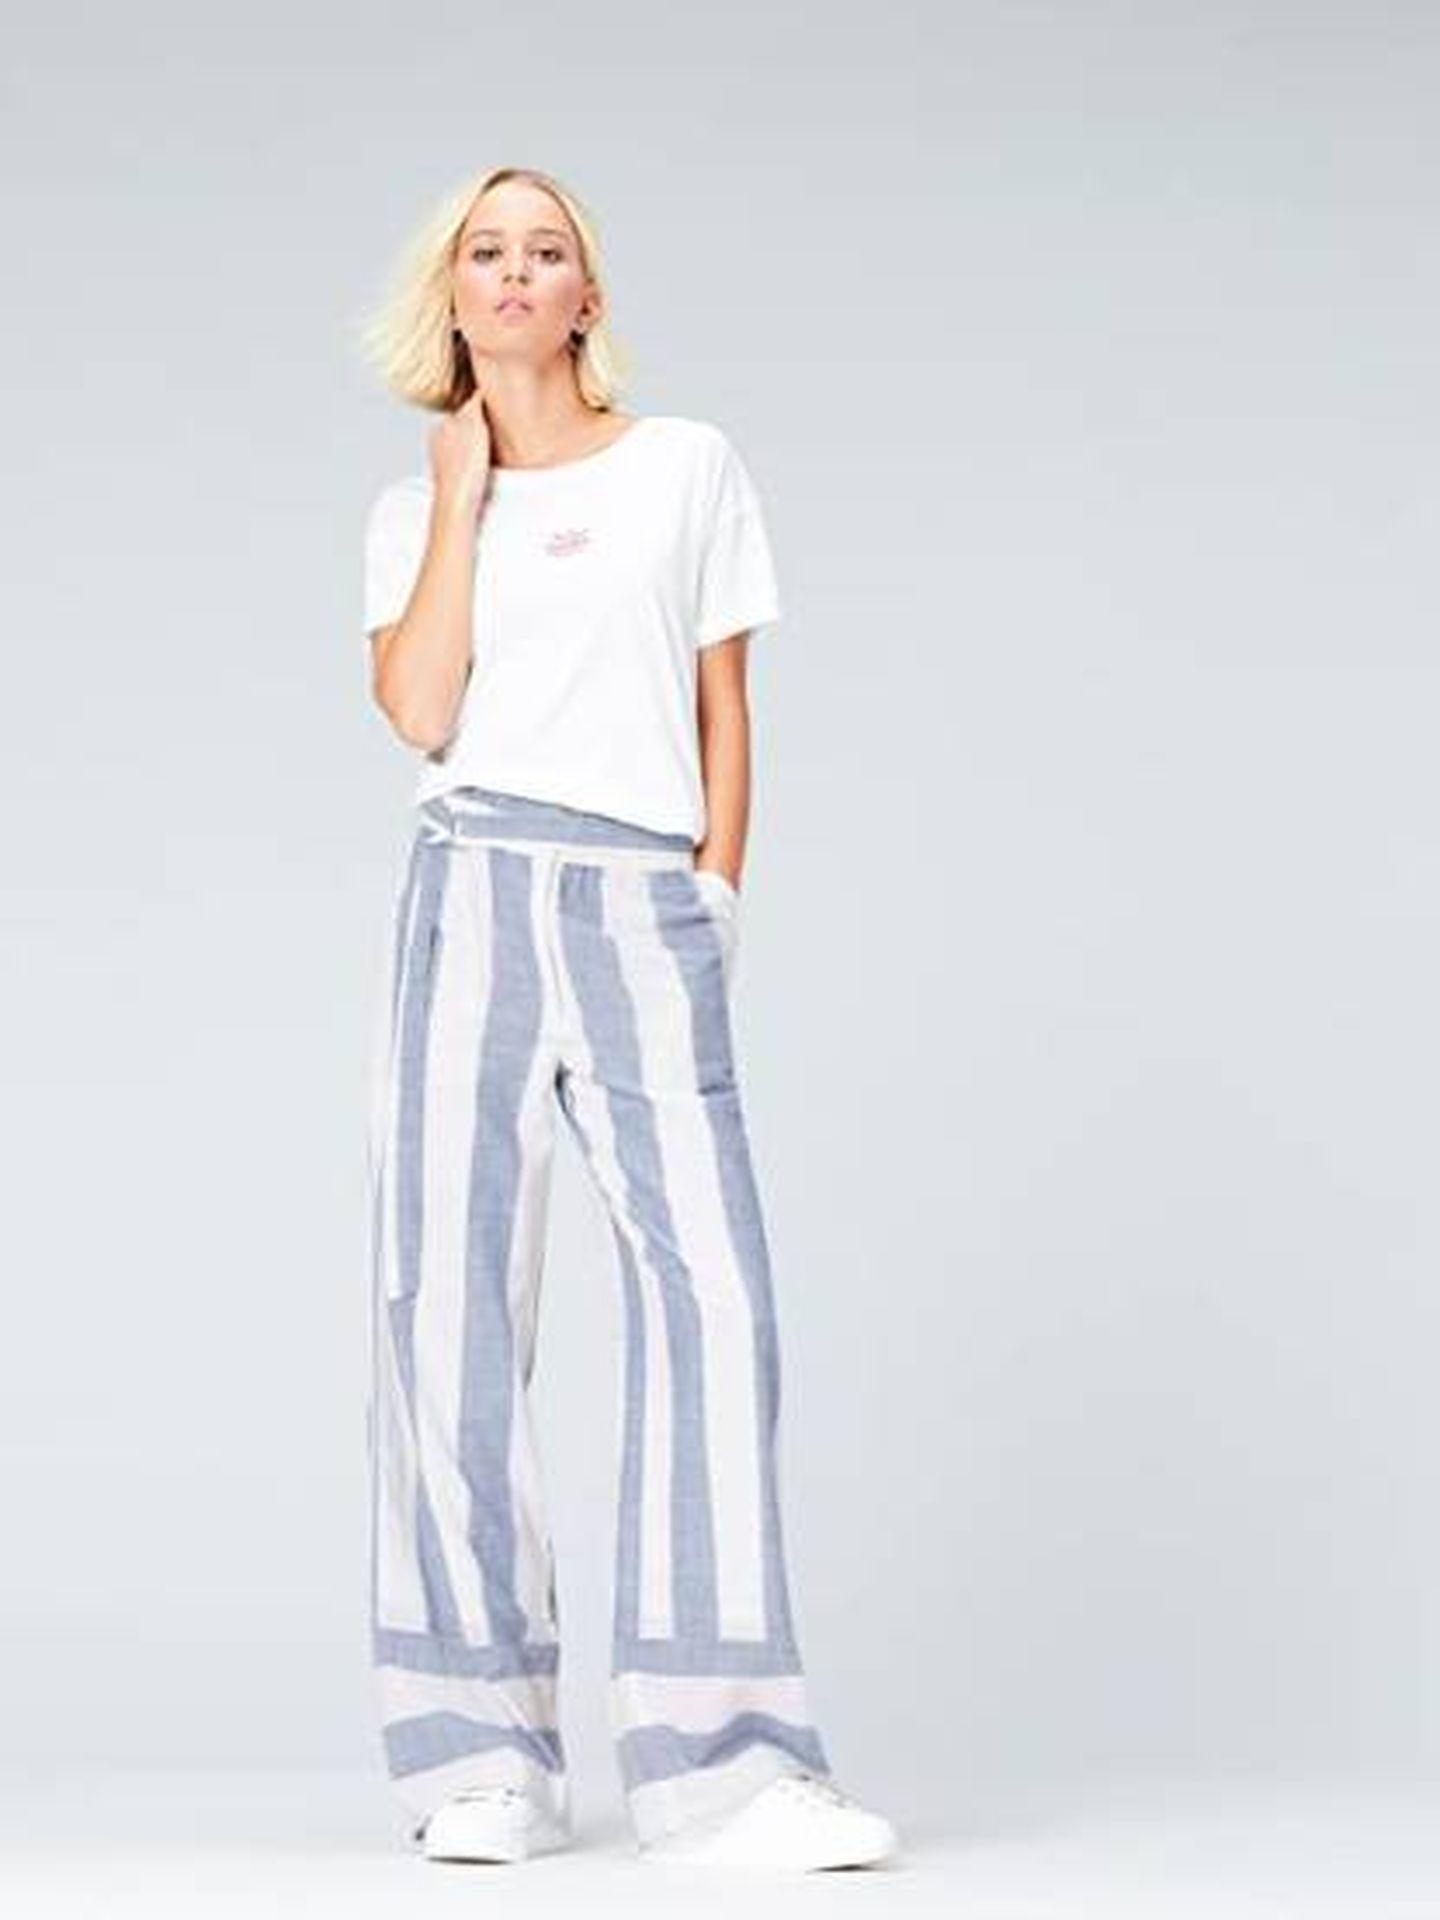 Pantalón de Find ideal para el verano. (Cortesía)